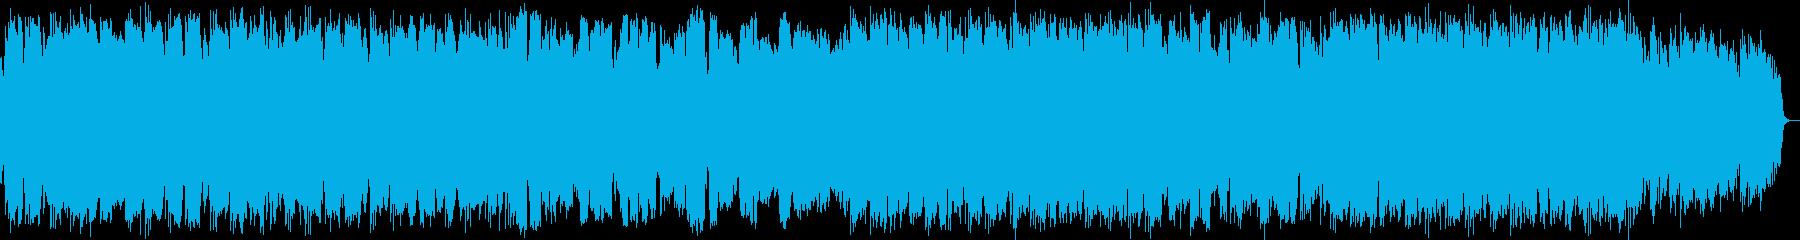 ケーナとシンセサイザーのニューエイジ音楽の再生済みの波形